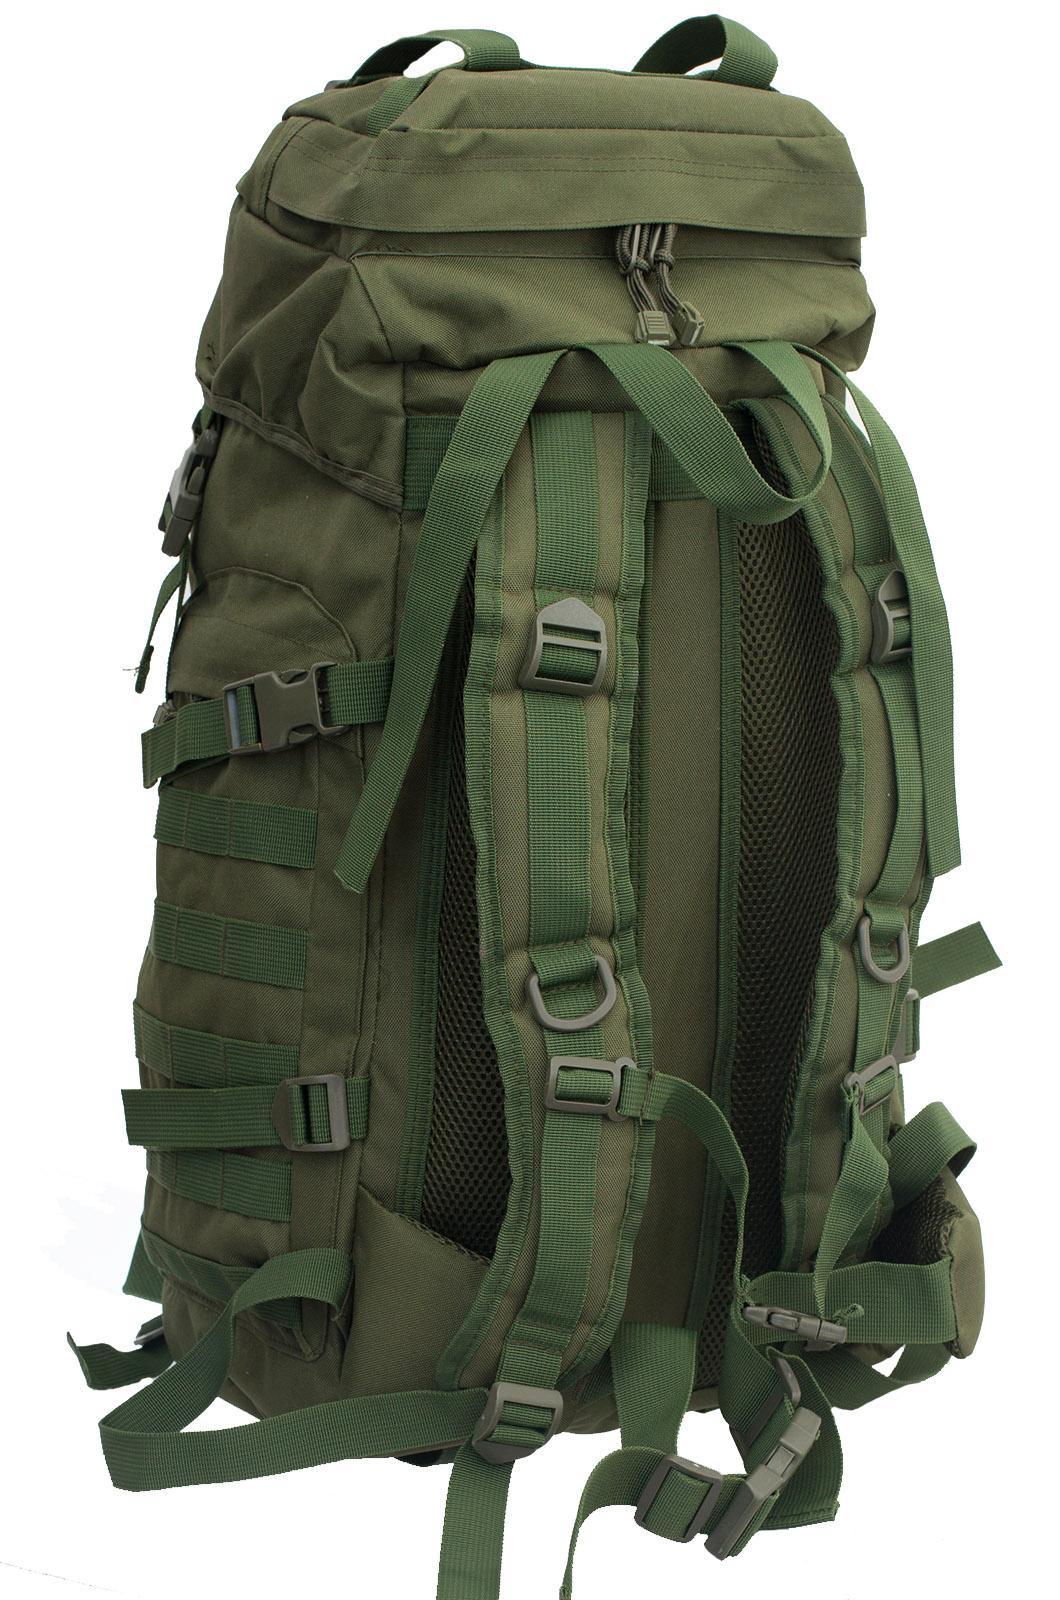 Надежный рейдовый рюкзак с нашивкой Танковые Войска - заказать в Военпро